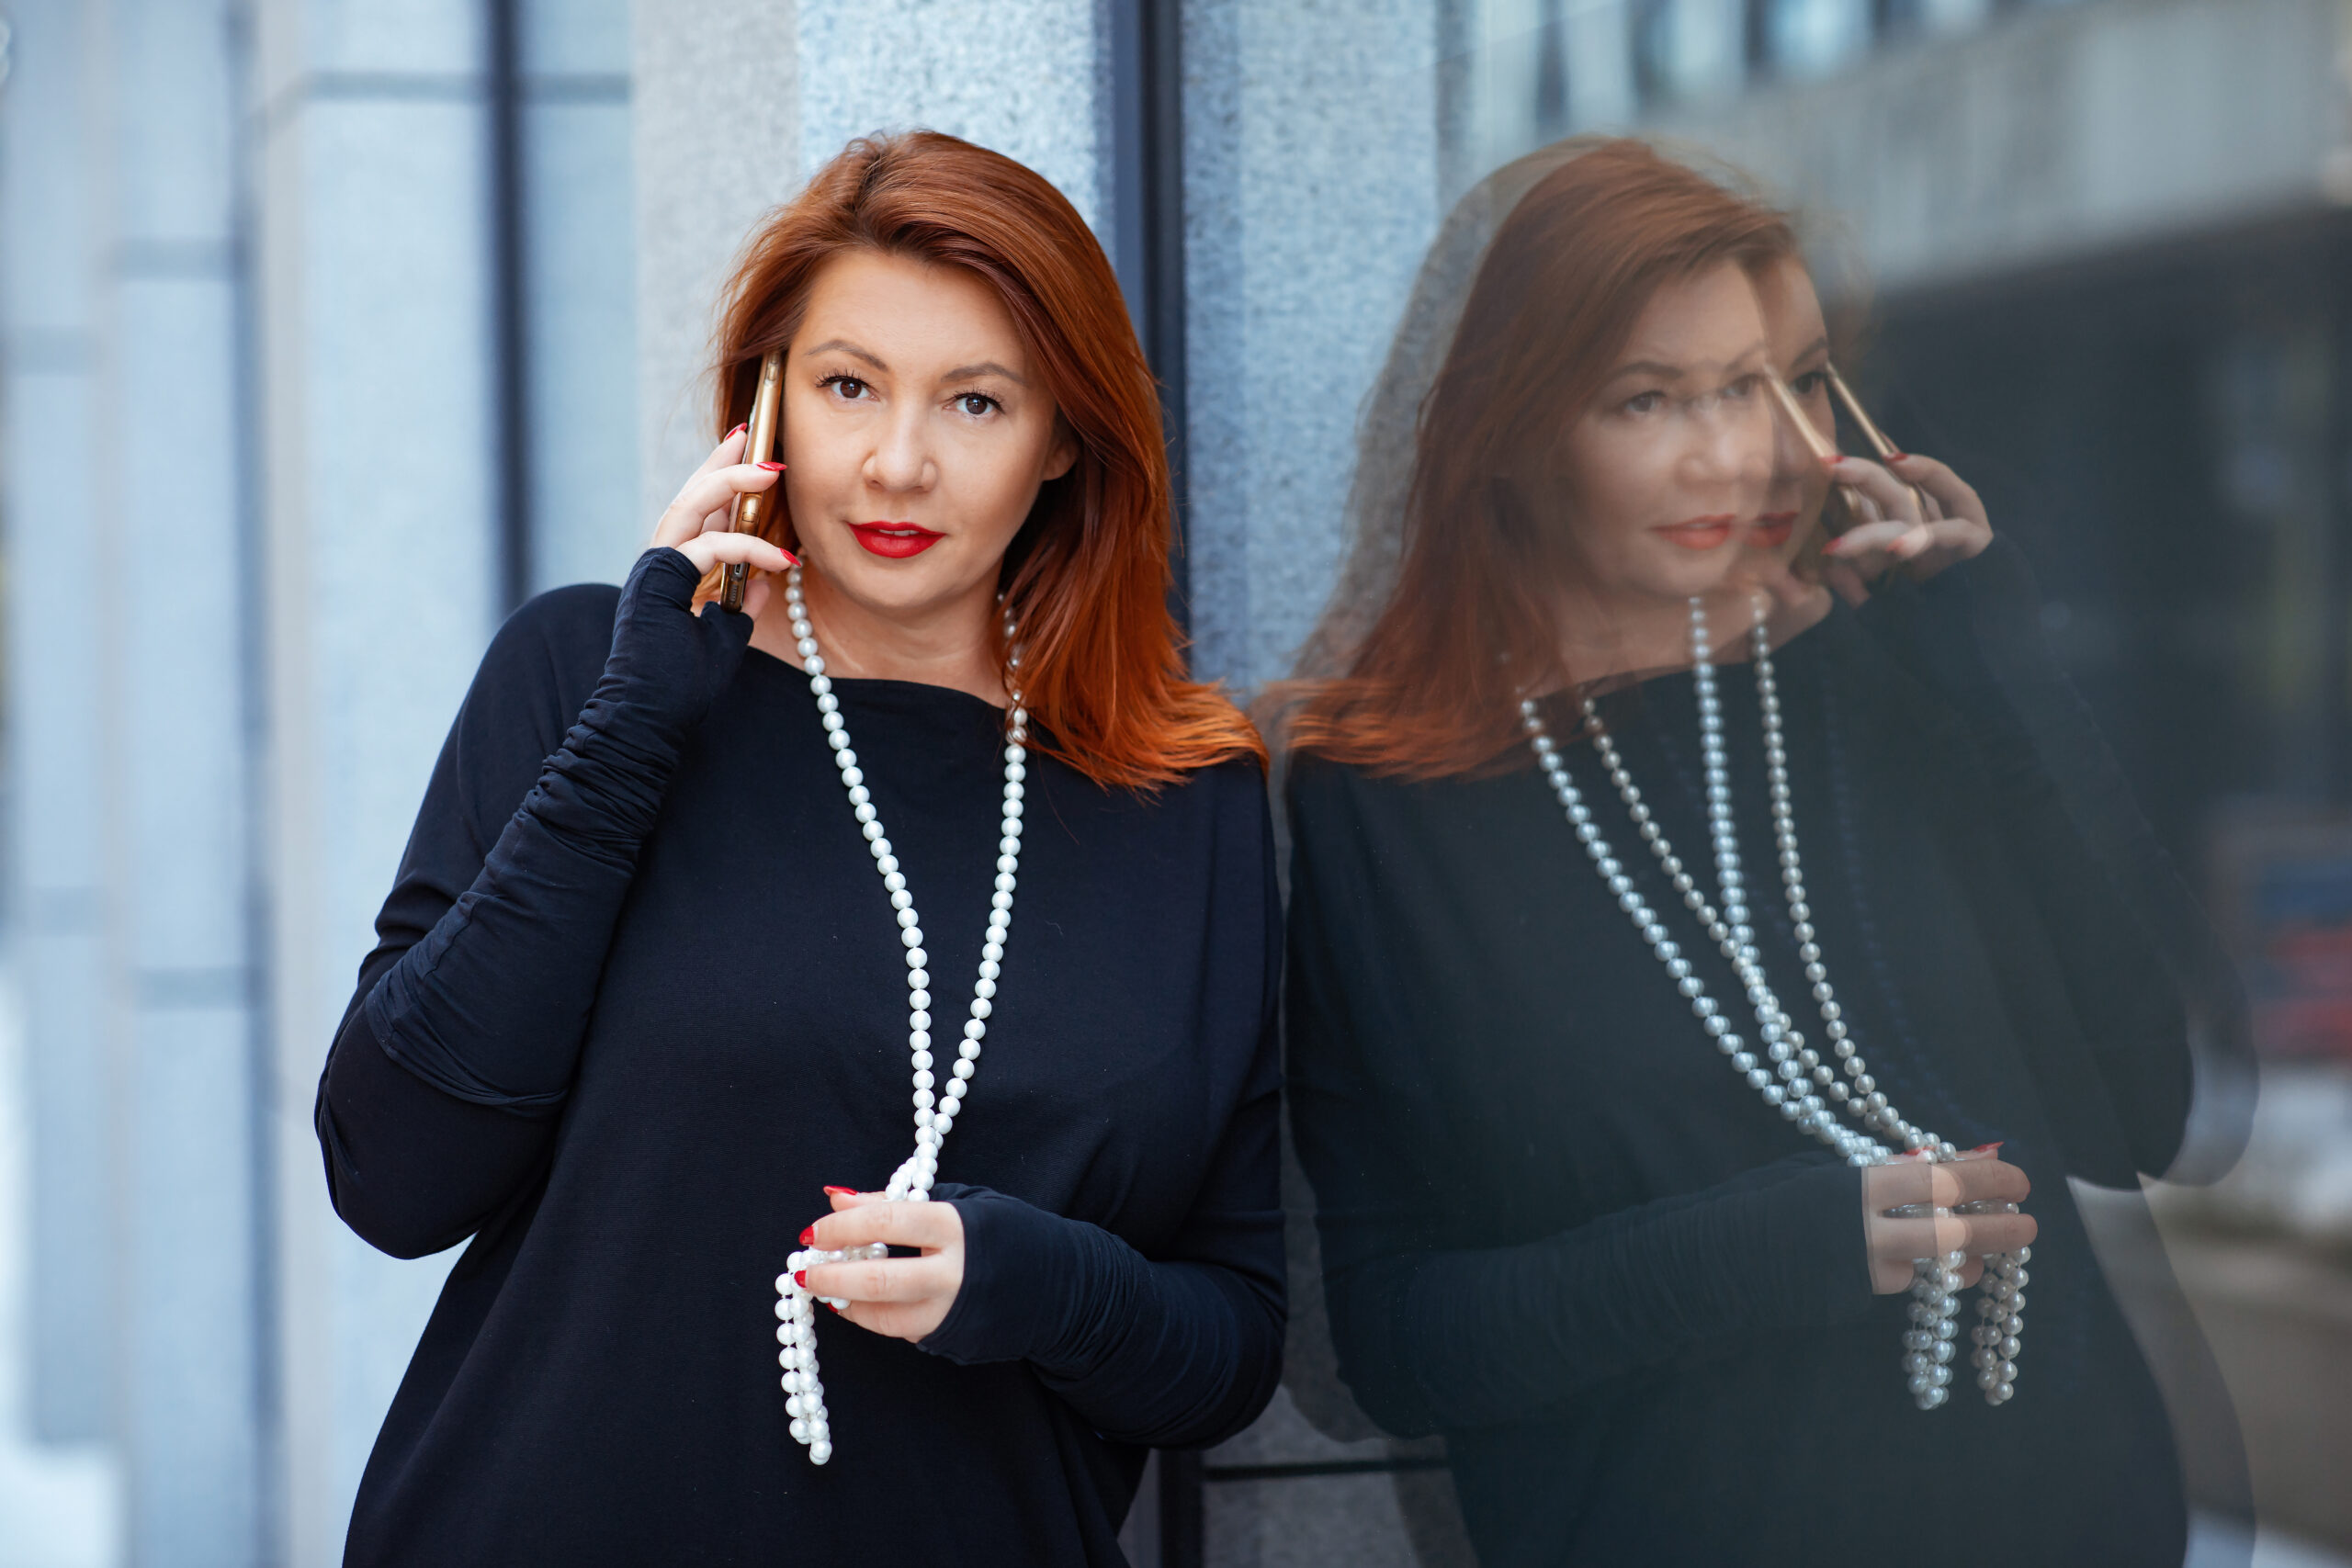 Agnieszka Zalewska